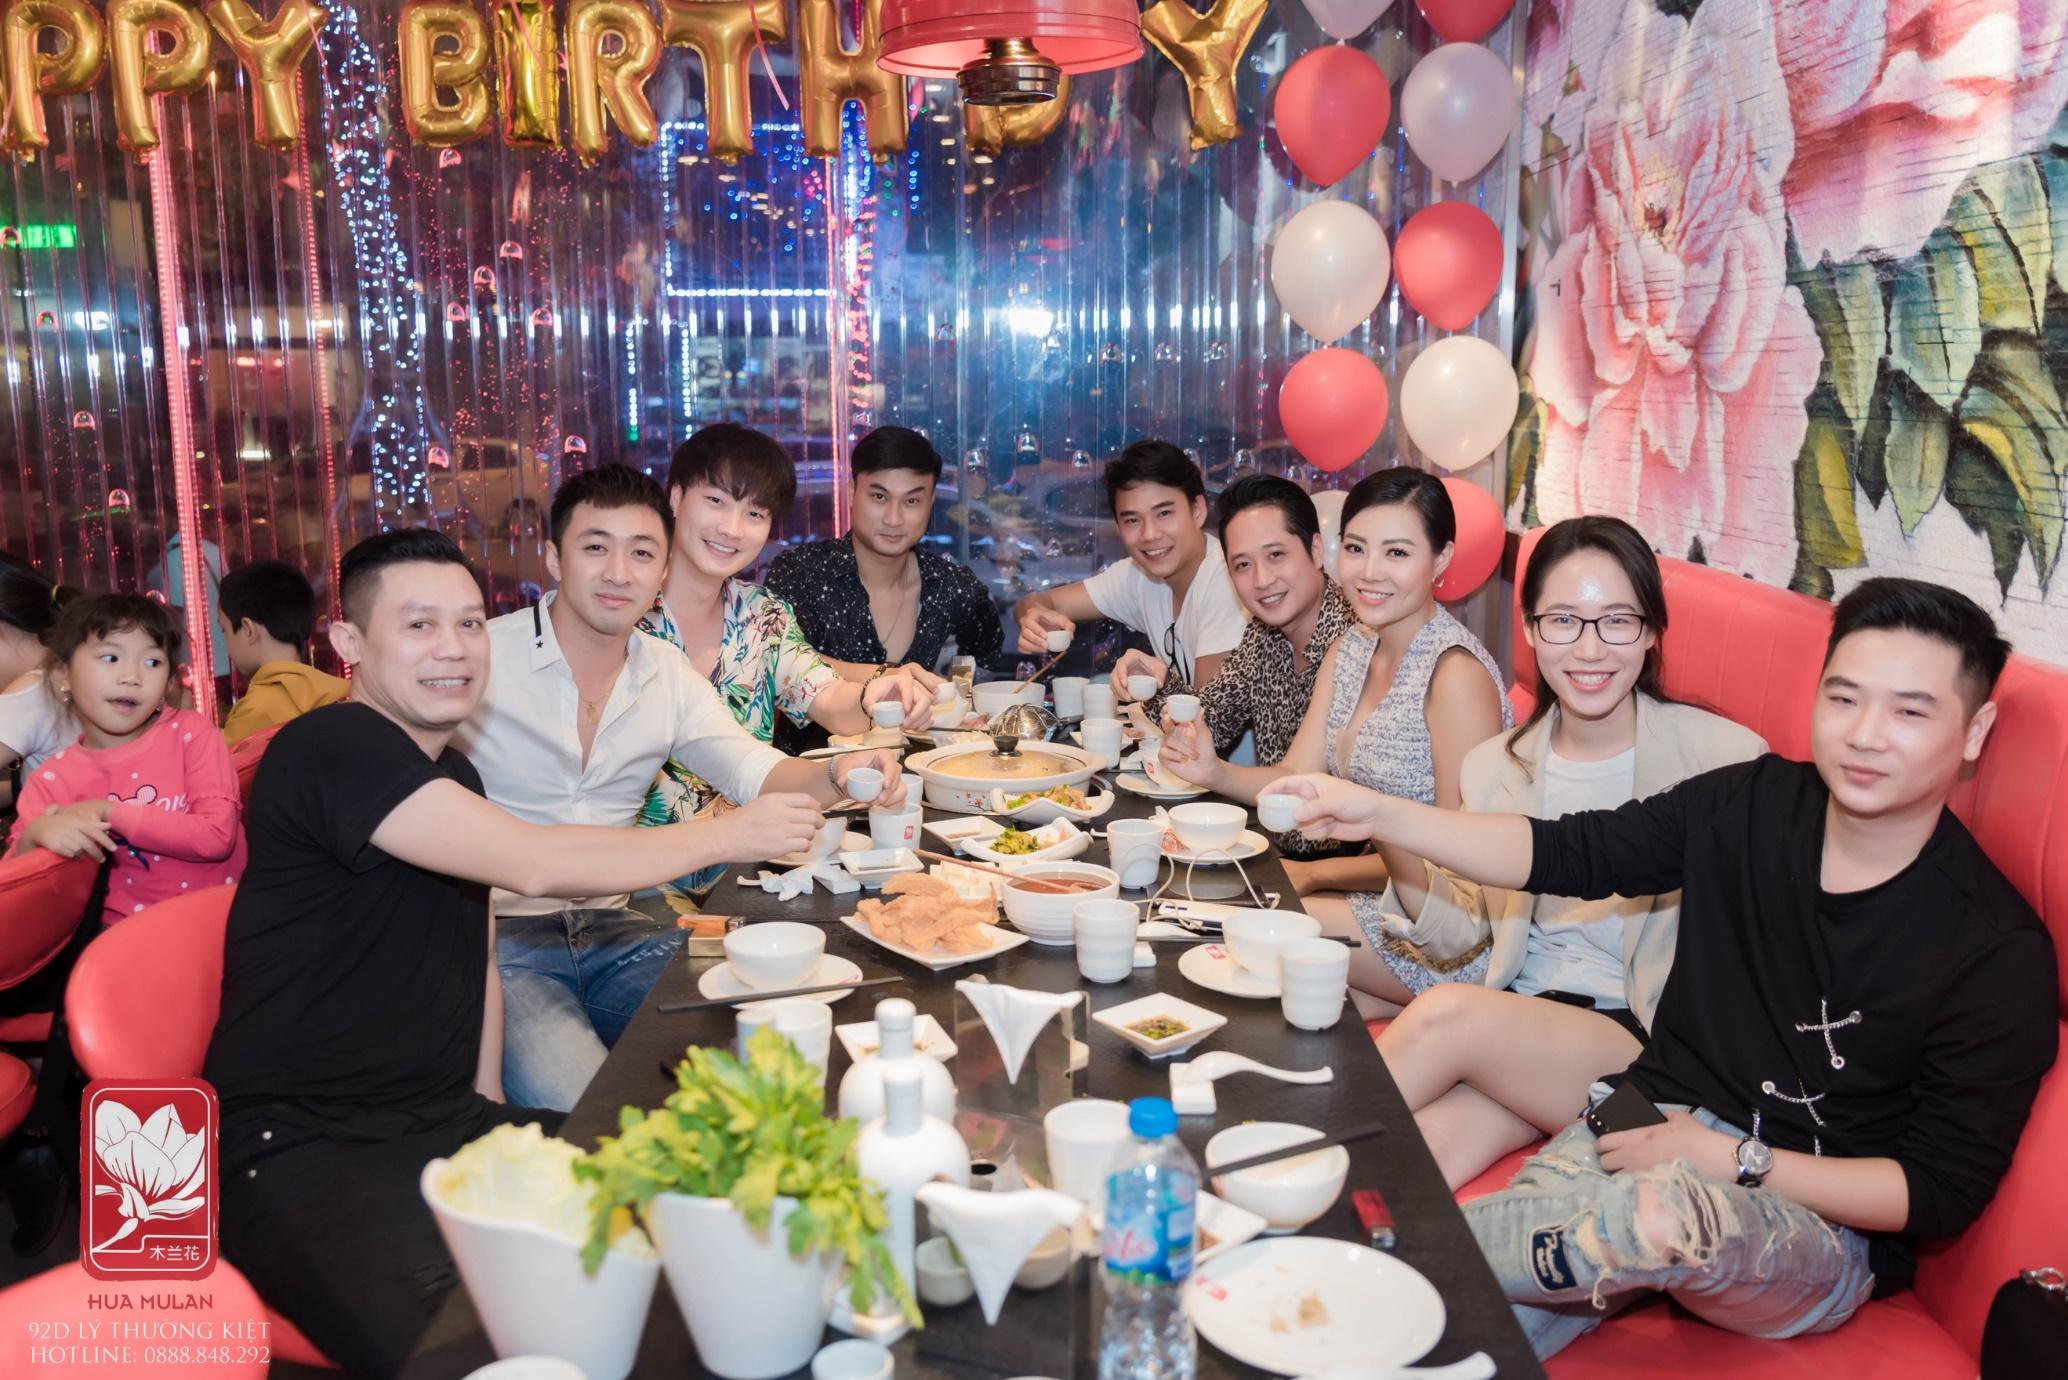 """Giải mã nhà hàng Trung Hoa đang khiến hàng loạt sao Việt """"phải lòng"""" - Ảnh 1."""